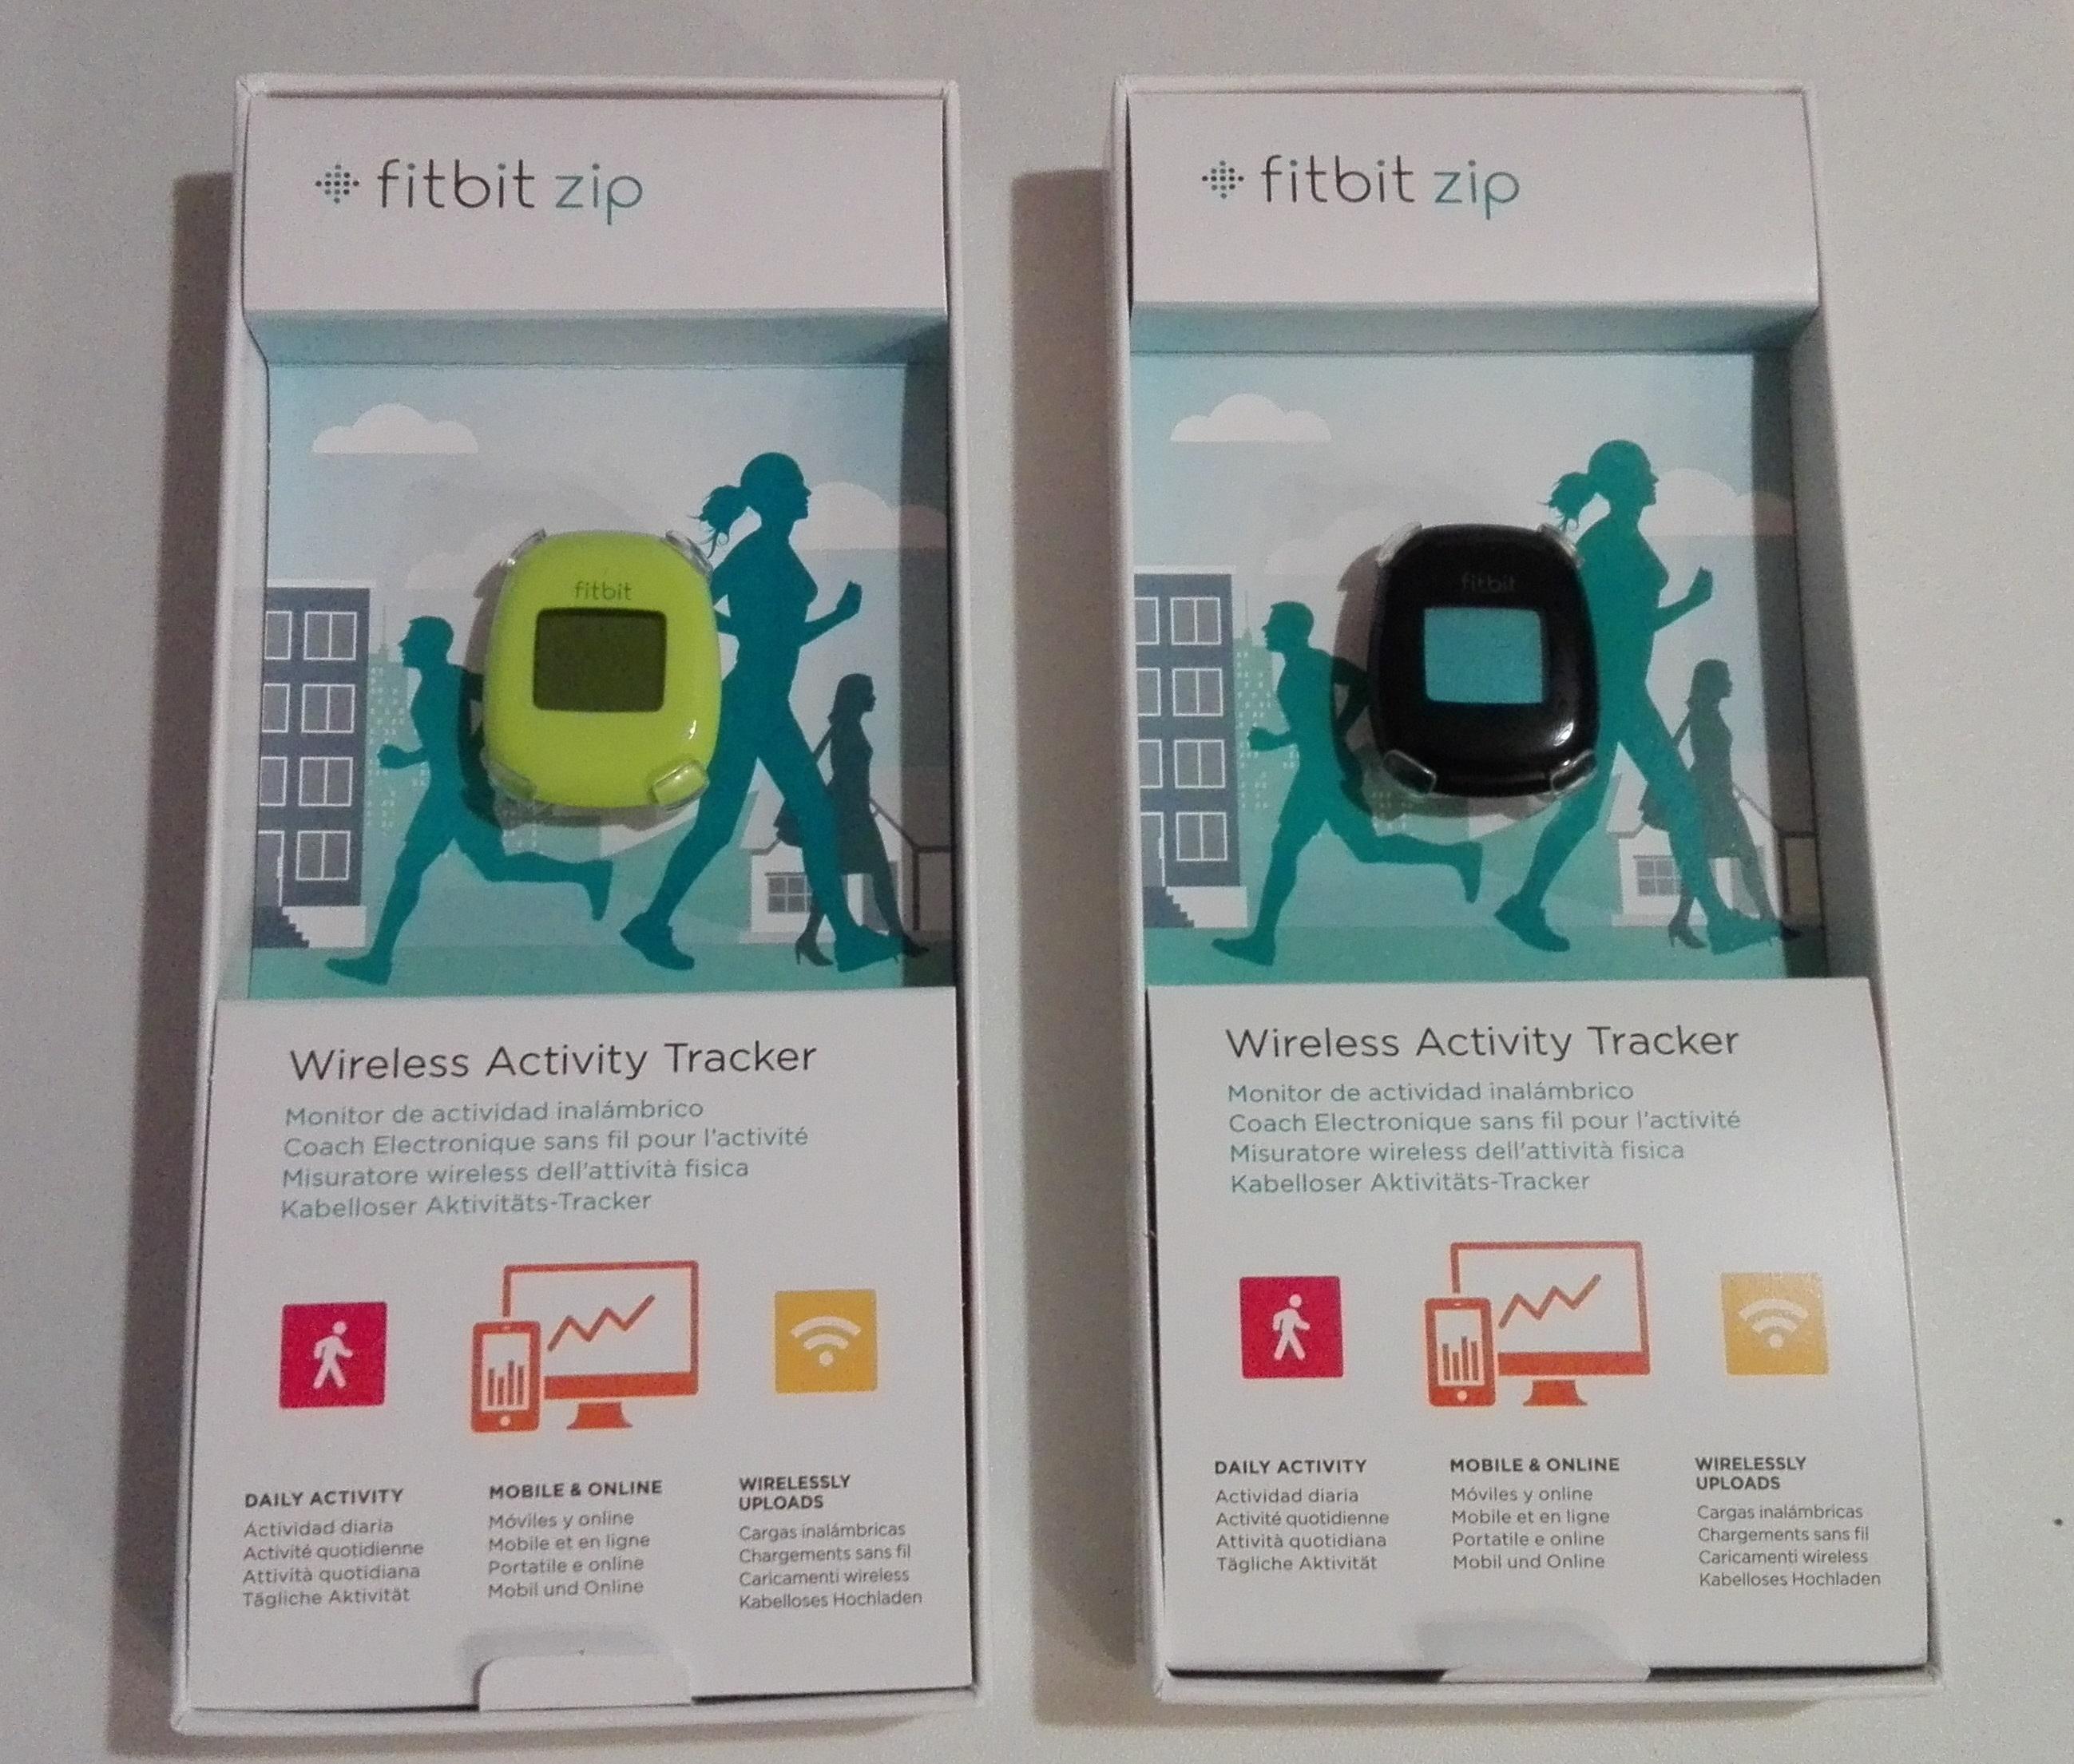 Fitbit Zip Wireless Activity Tracker - Świetny krokomierz w bardzo atrakcyjnej cenie @ Tesco